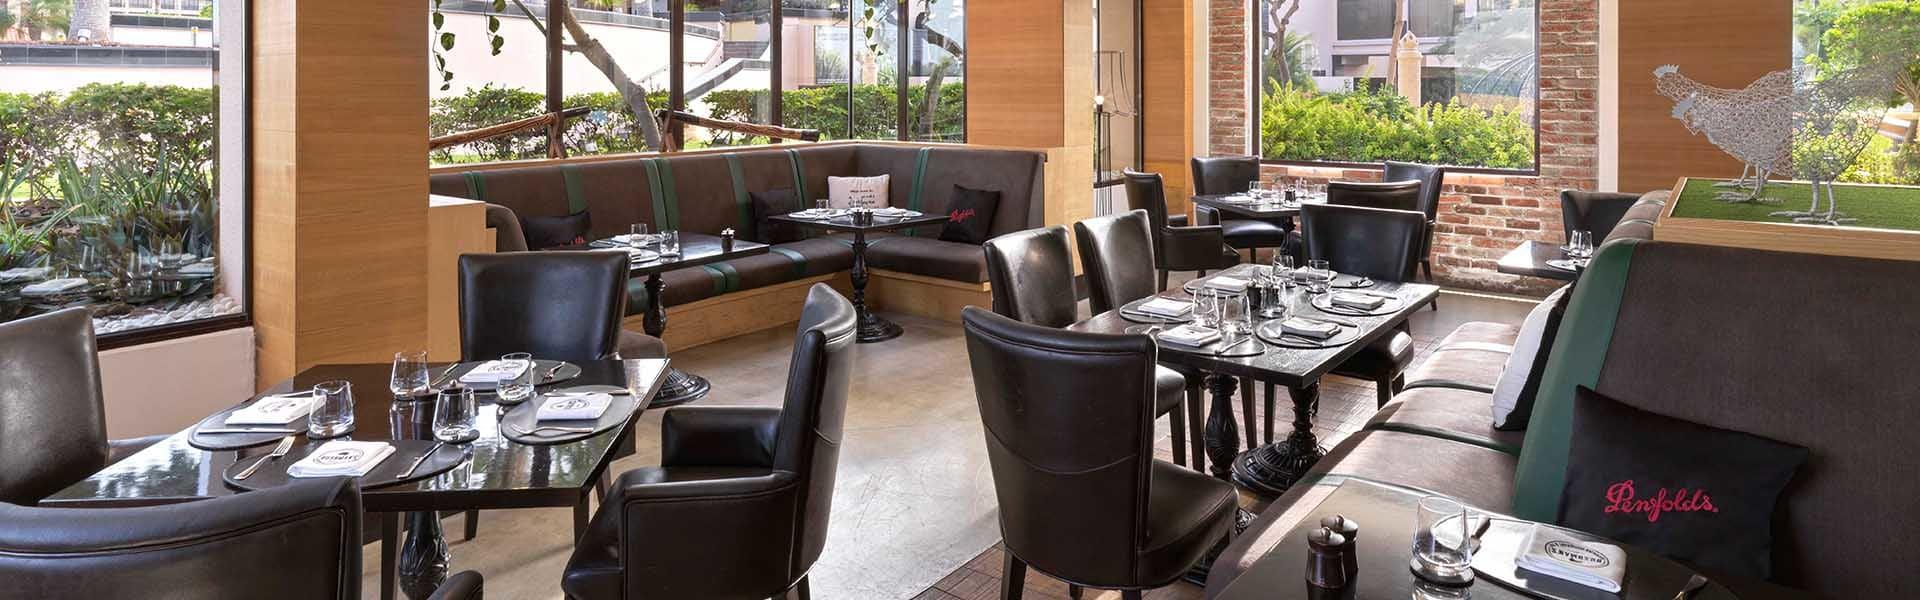 Aussie Outback In A Palm Jumeirah Restaurant